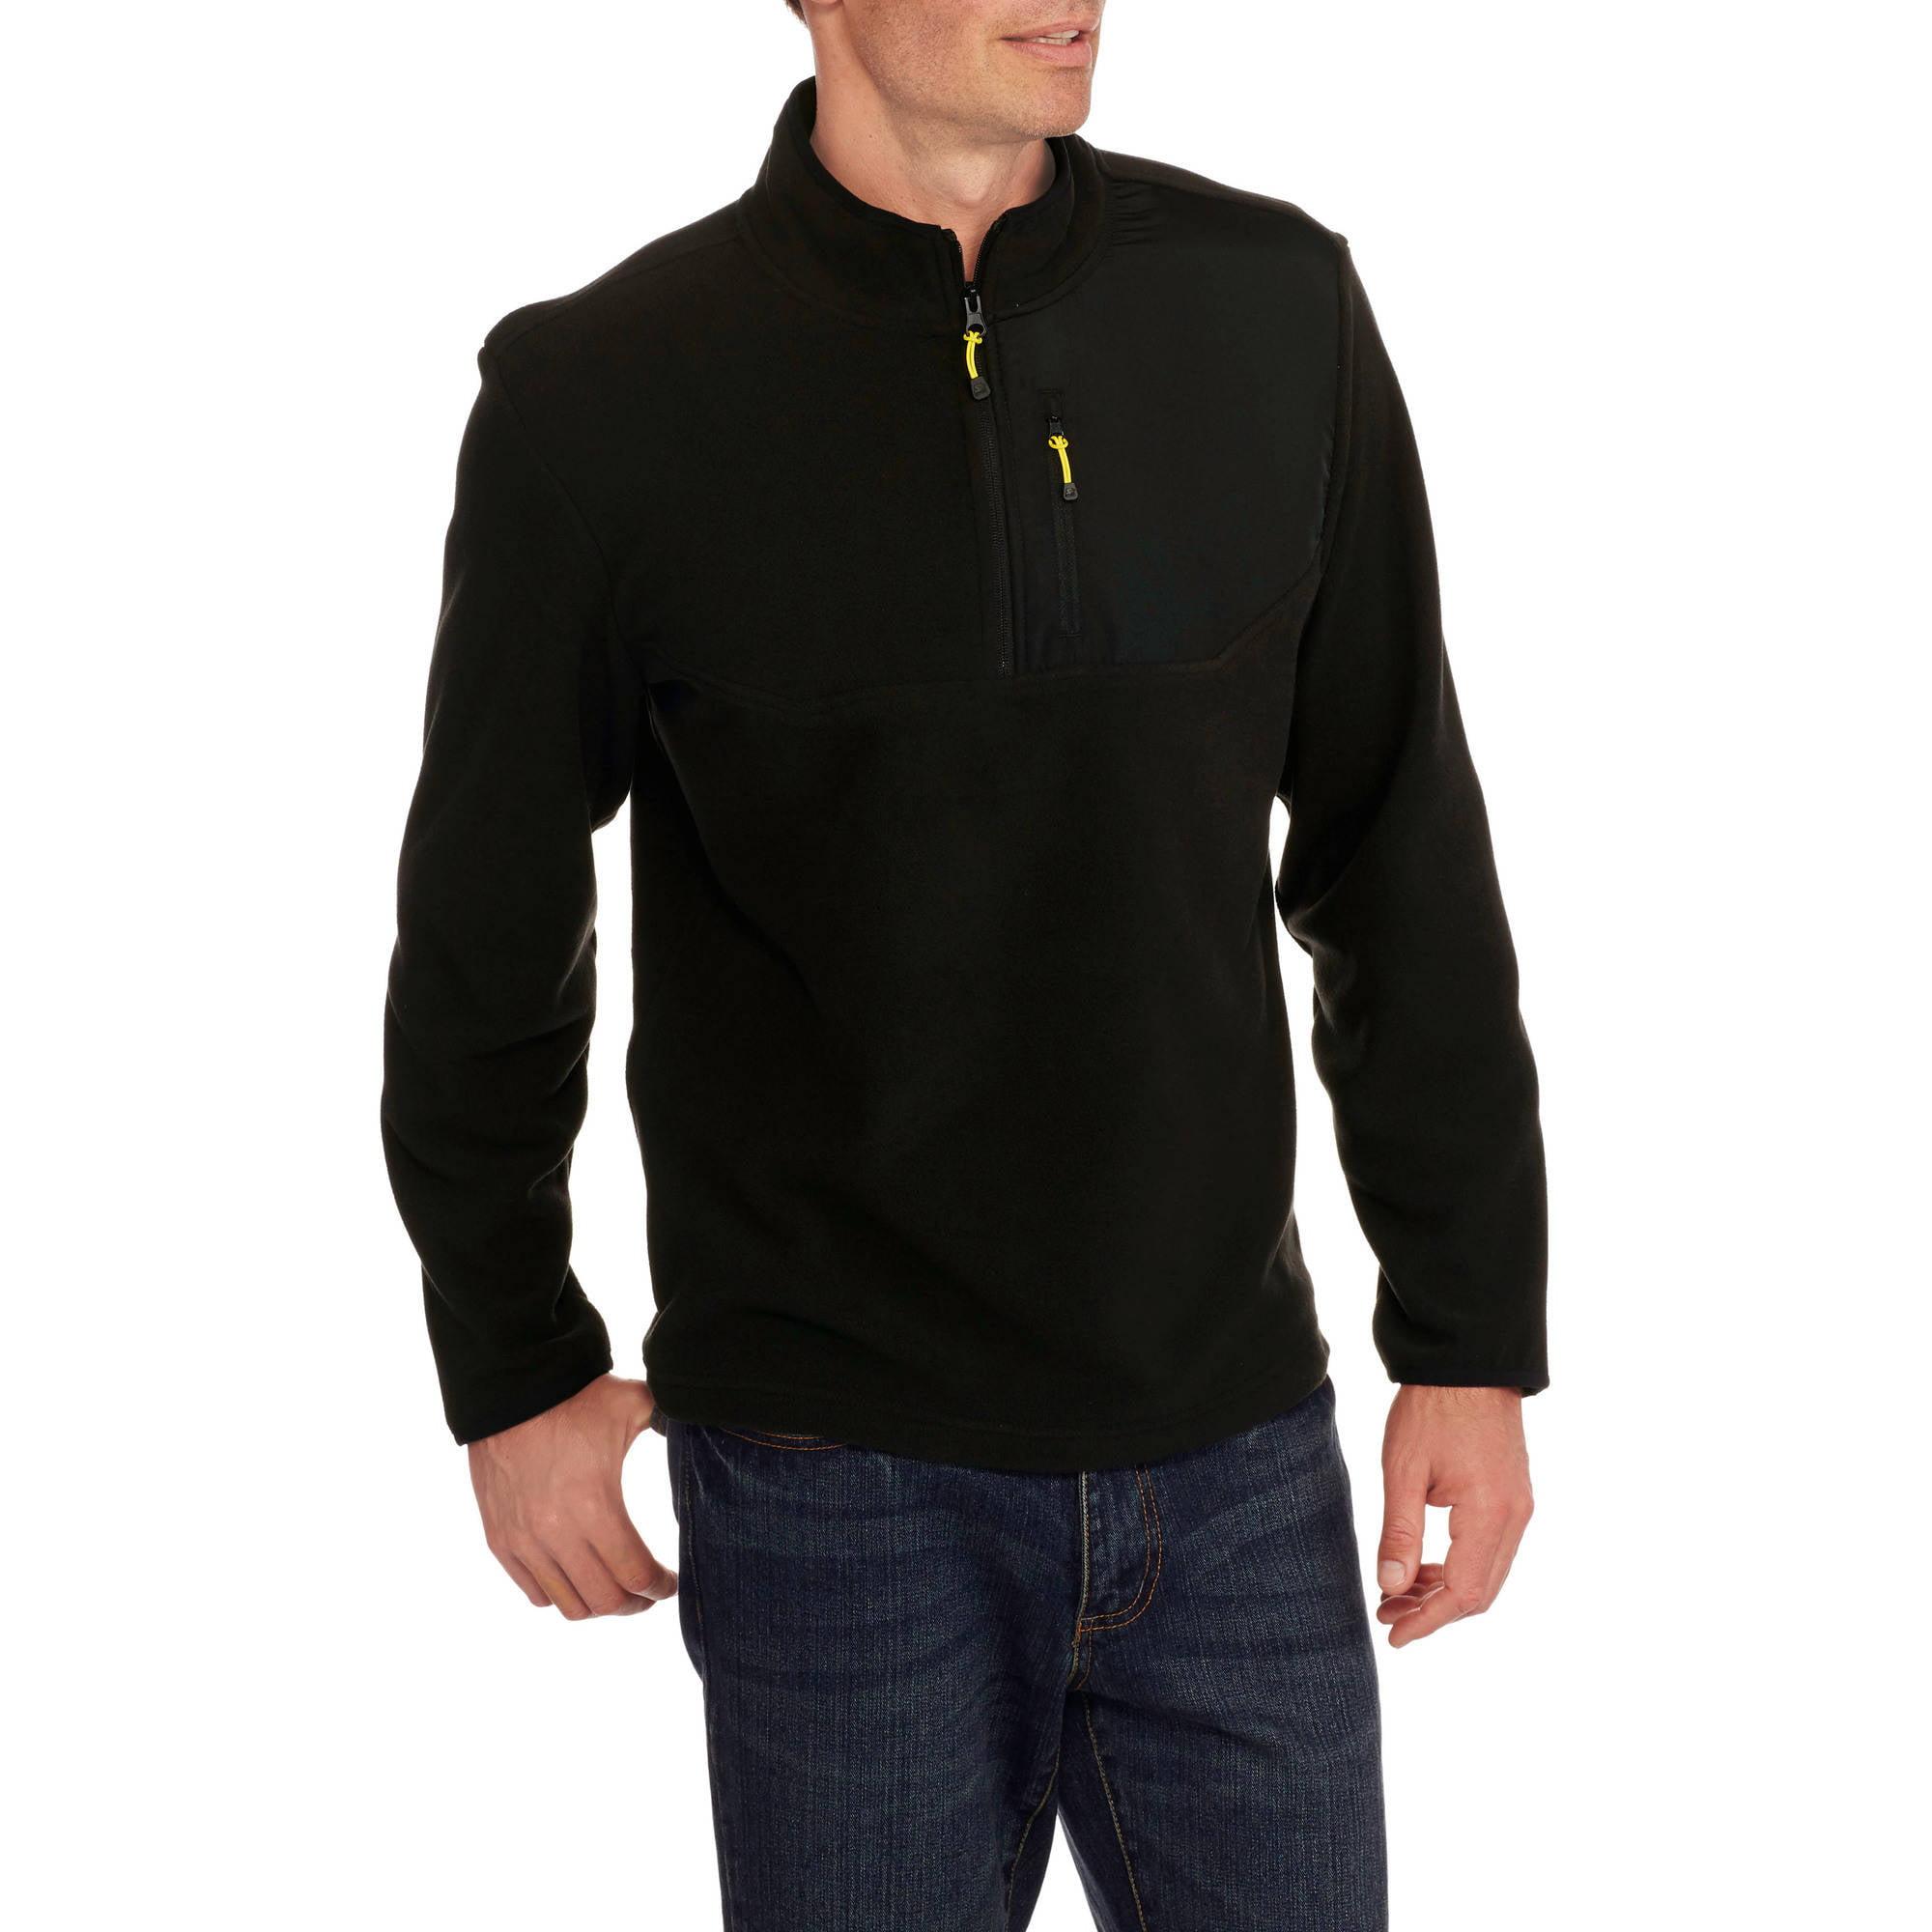 Starter Big Men's Winter 1/4 Zip Fleece Pullover